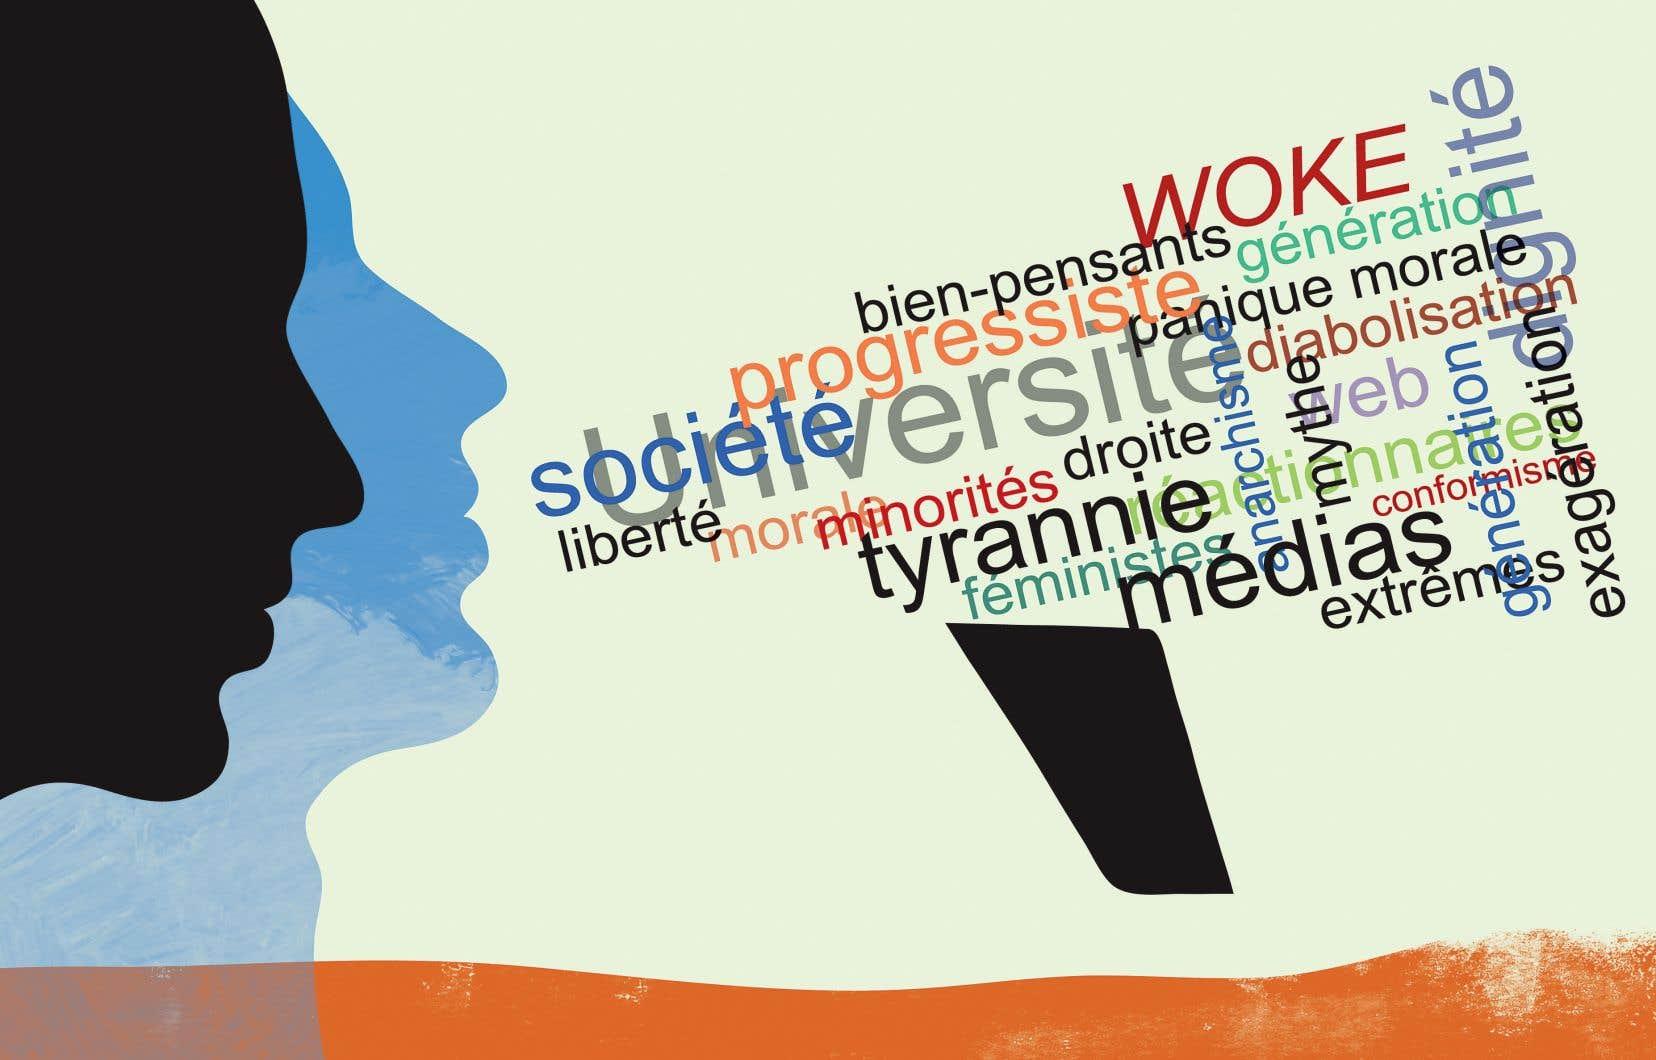 Au Québec, des médias sont obsédés par les «wokes», des jeunes qualifiés d'immoraux, car pratiquant une «censure» (déviance) menaçant la «liberté d'enseignement» (norme).